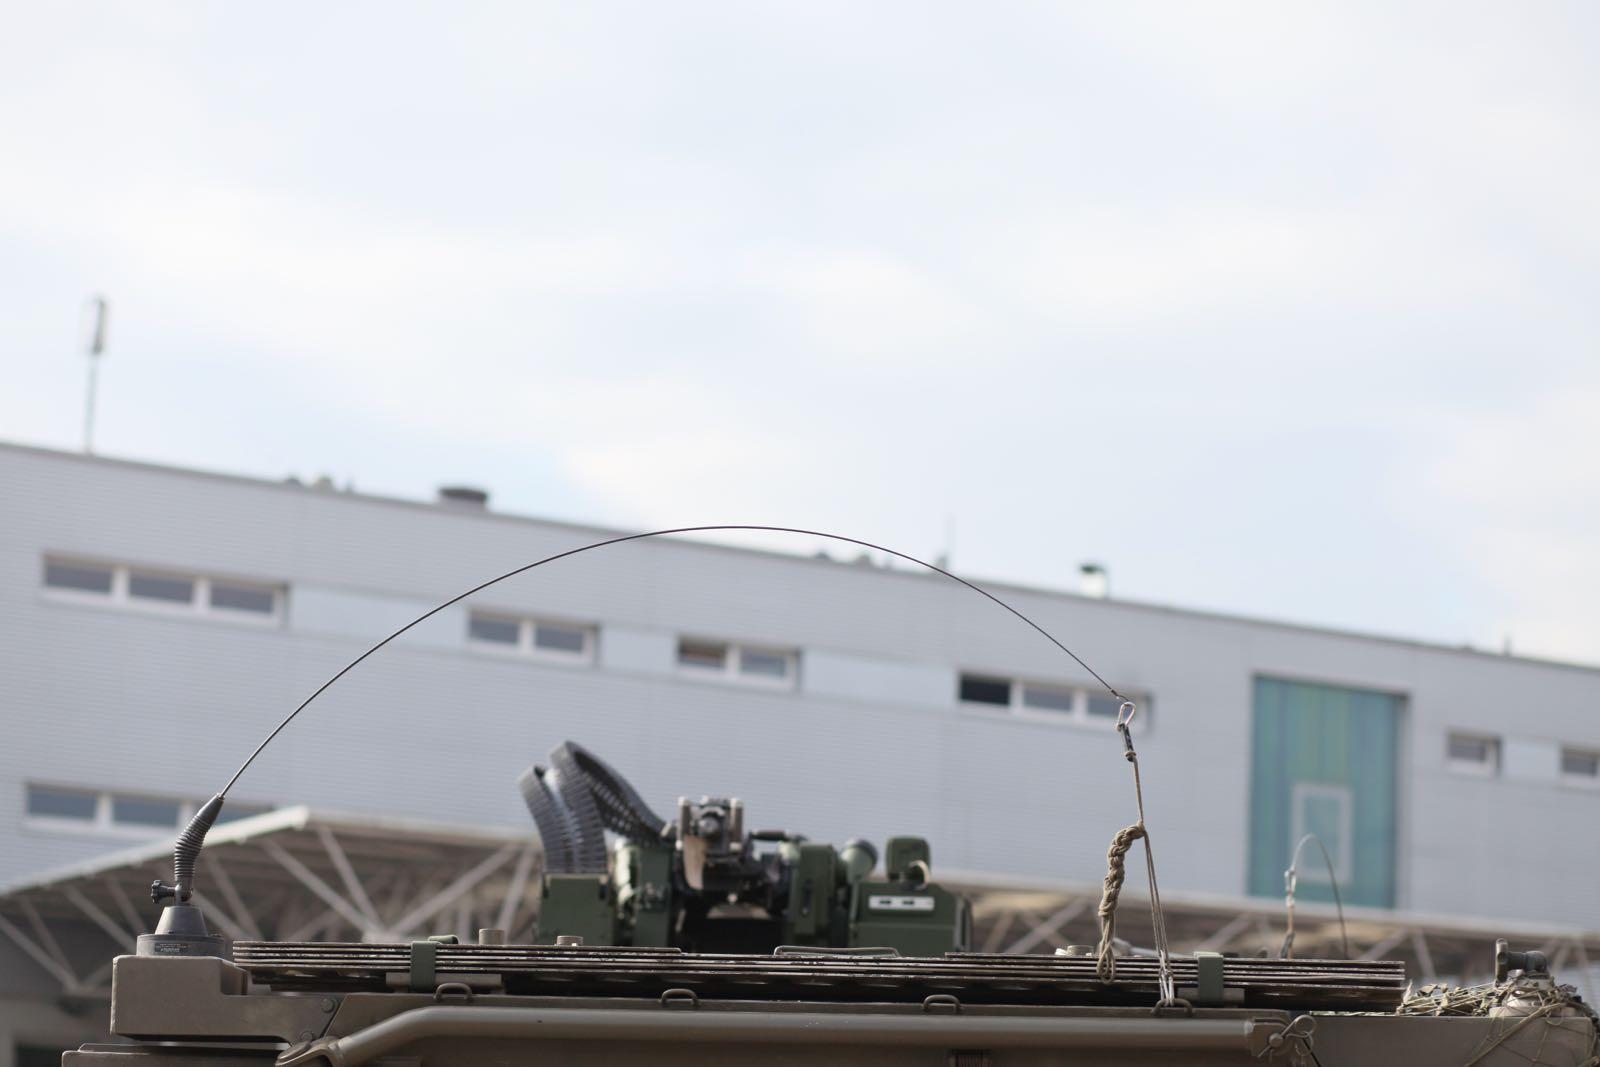 2019_02_08_5Gardekompanie_KPE_EUFOR30_Verabschiedung - 39 of 61